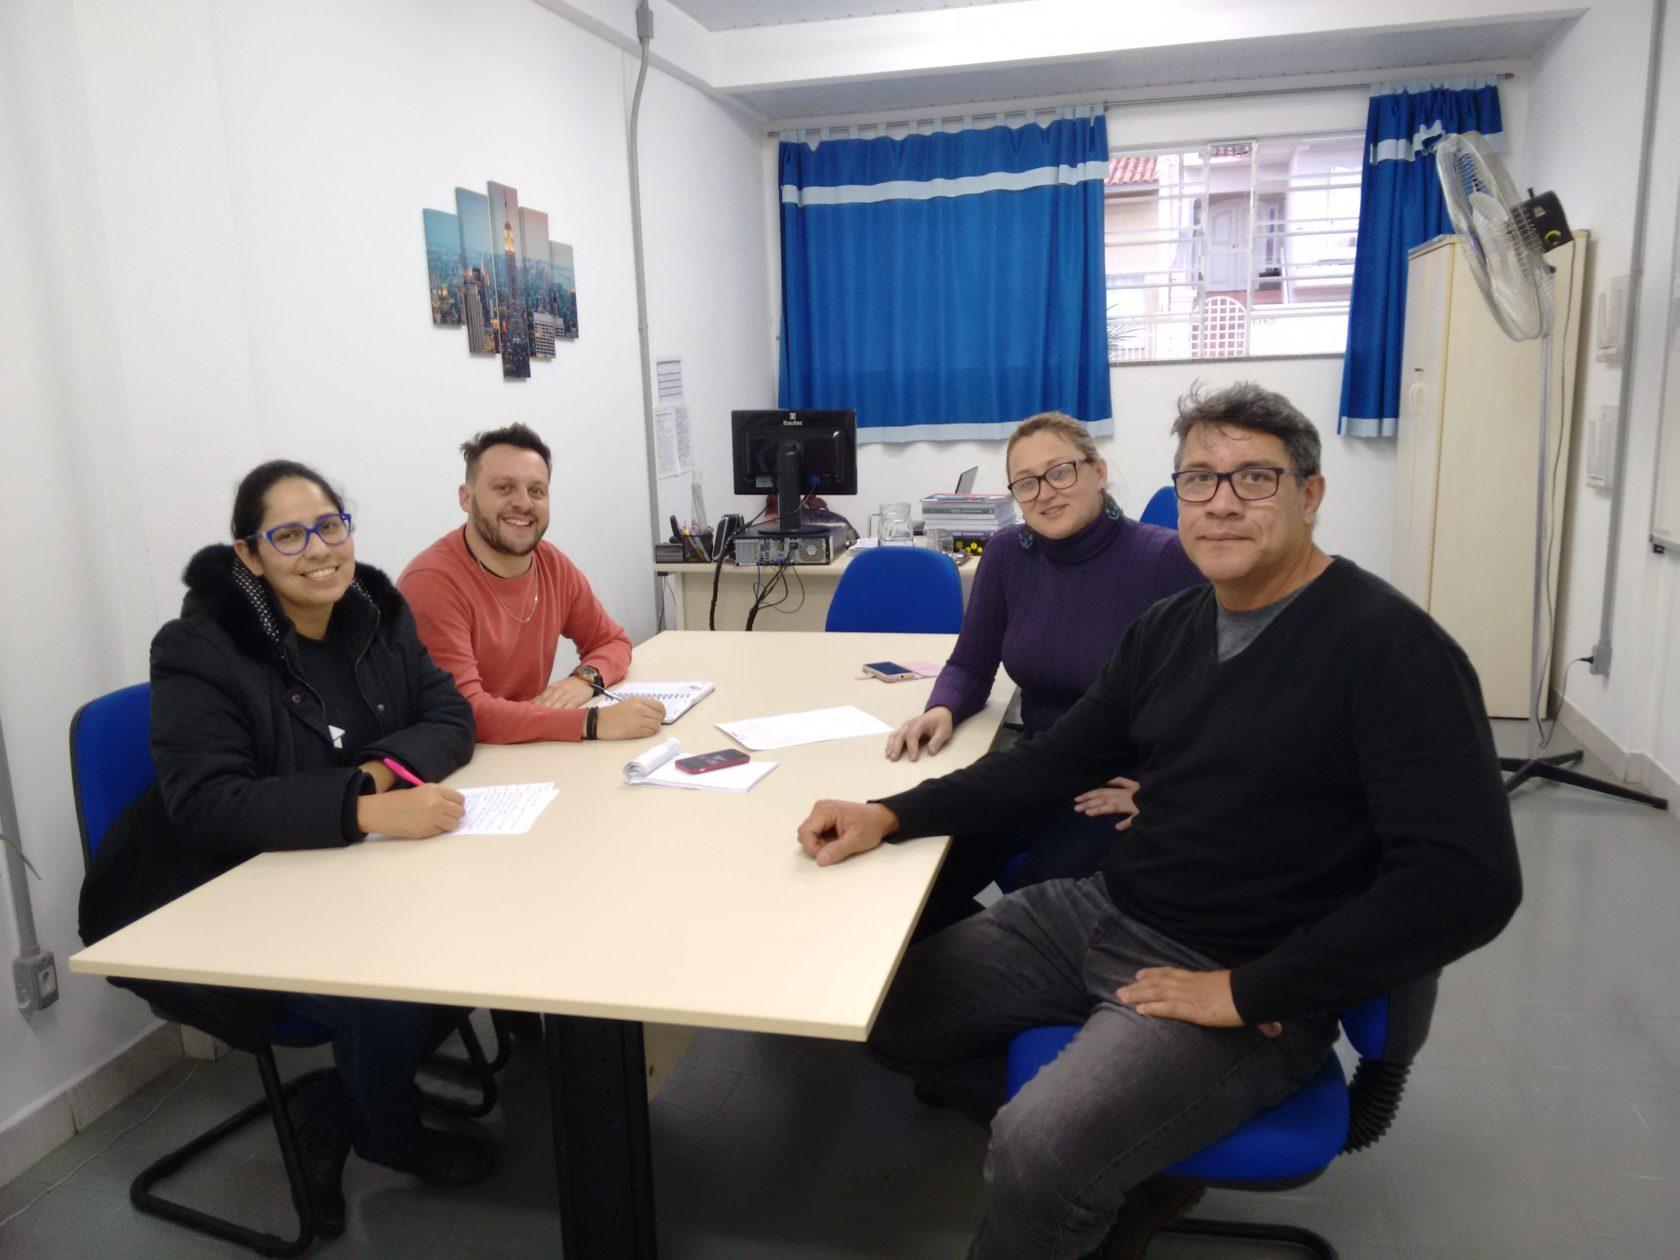 Prefeitura de Itararé (SP) firma parceria com Escola Técnica Estadual em busca de projetos na área do Turismo